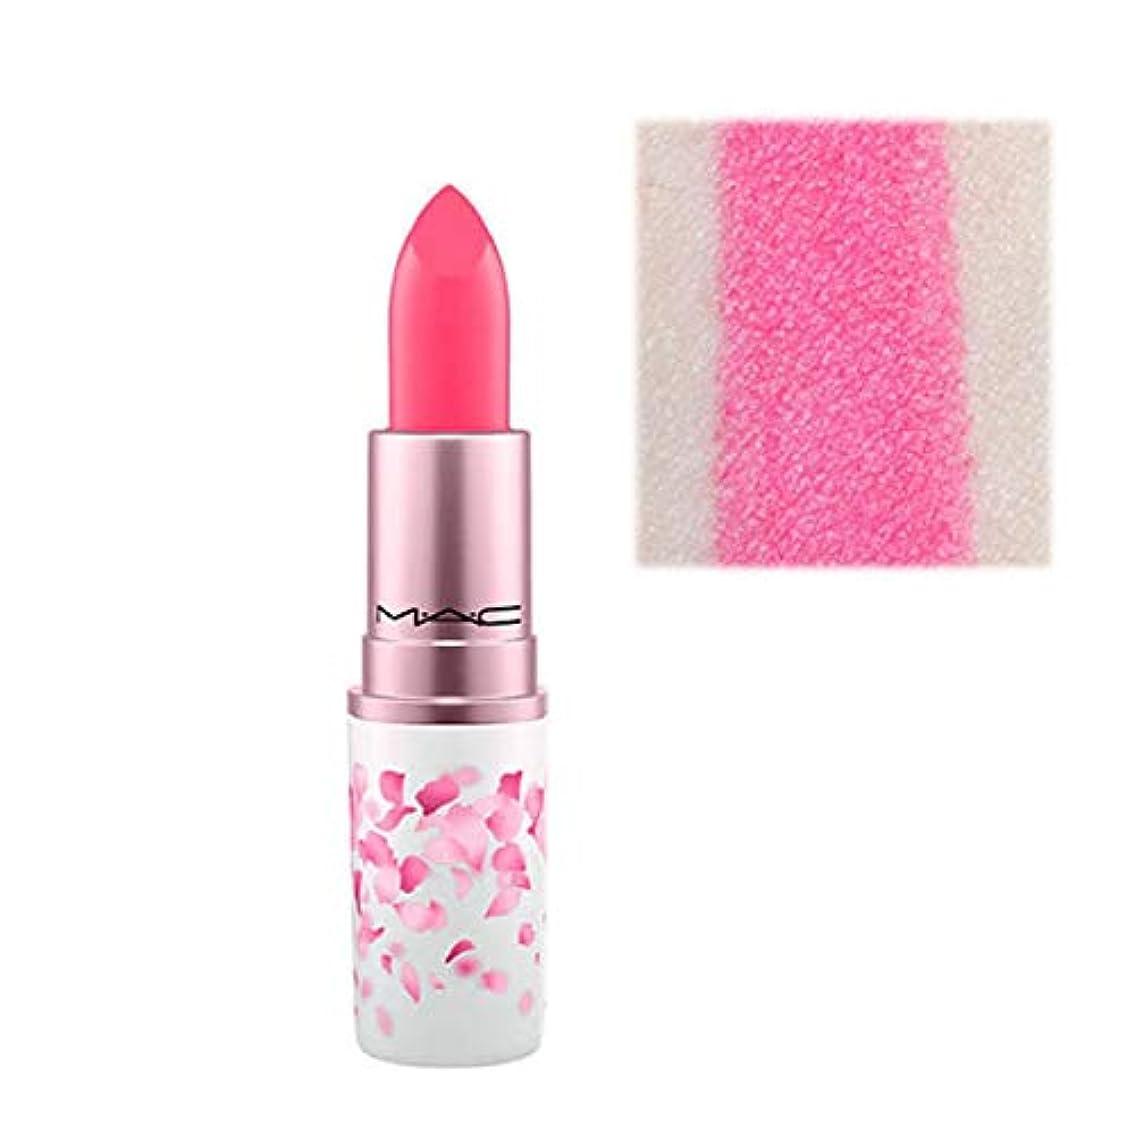 第二に追い越すレンディションM.A.C ?マック, 限定版, 2019 Spring, Lipstick/Boom, Boom, Bloom - Tsk Tsk [海外直送品] [並行輸入品]